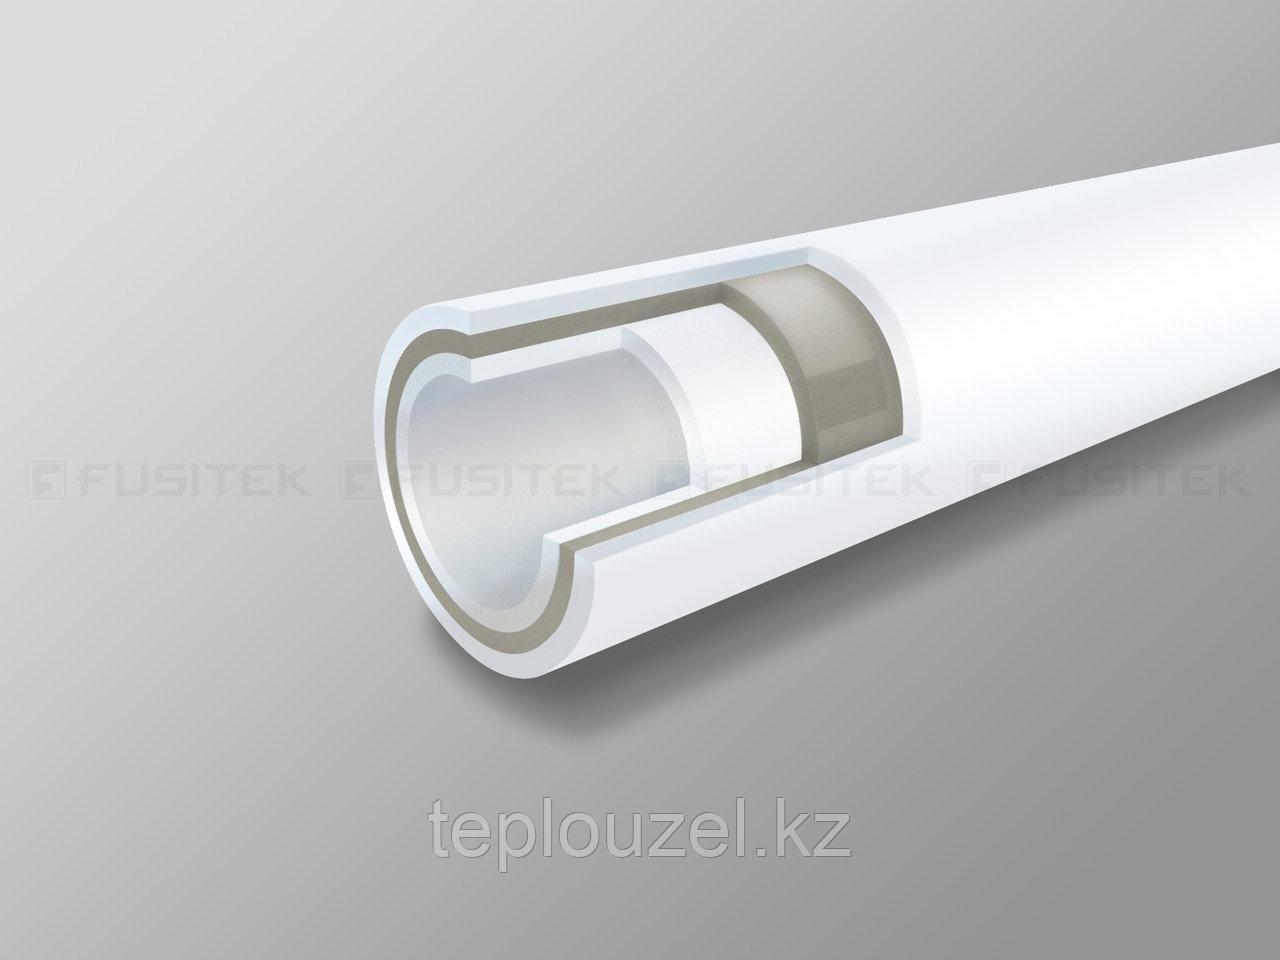 Труба композитная D25 из ППР со стекловолокном Fusitek (Россия)